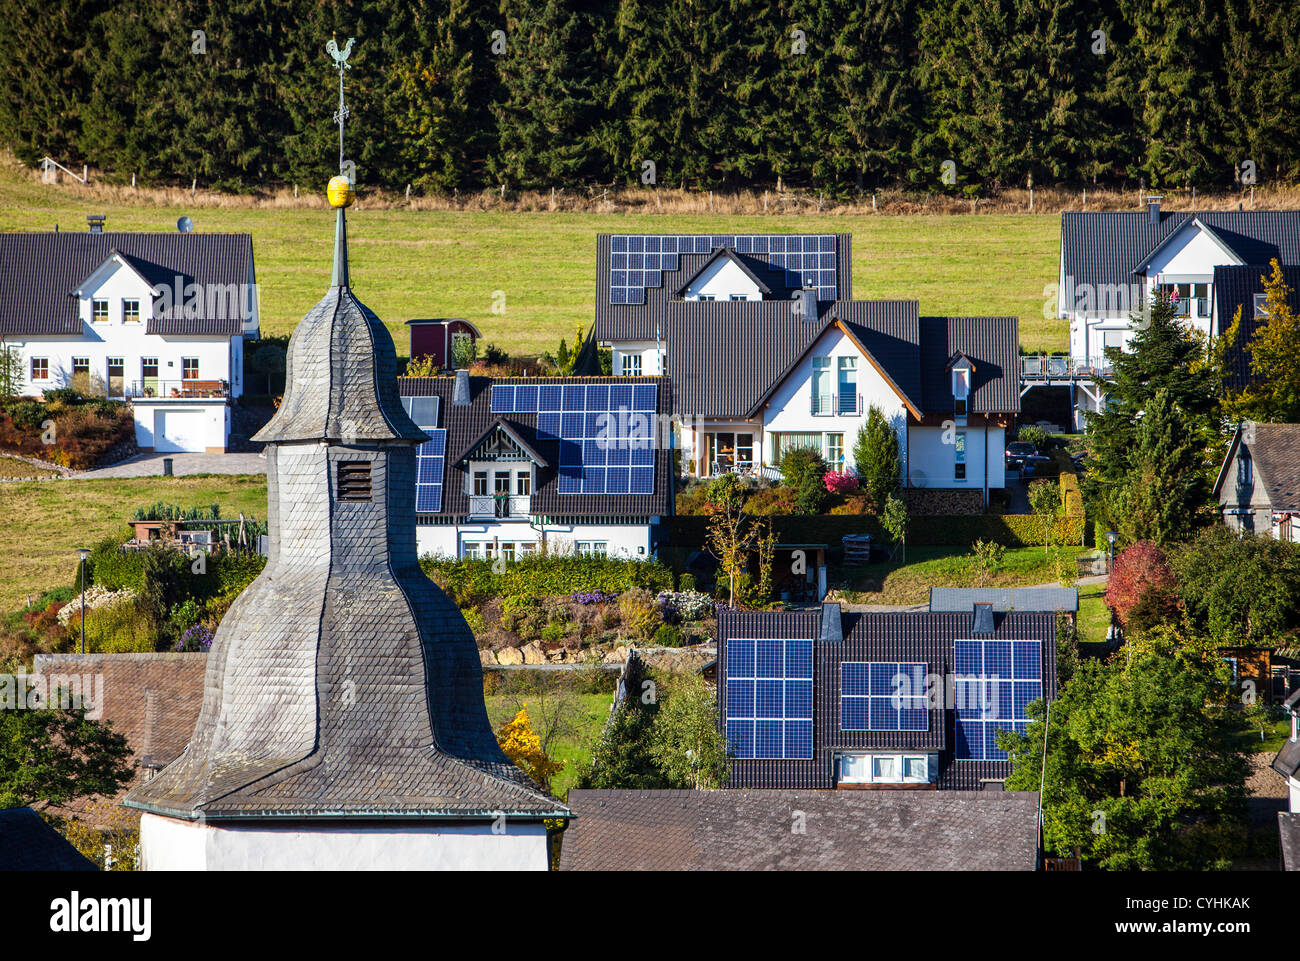 Des panneaux solaires sur un toit de maisons privées. L'énergie thermique solaire. Photo Stock